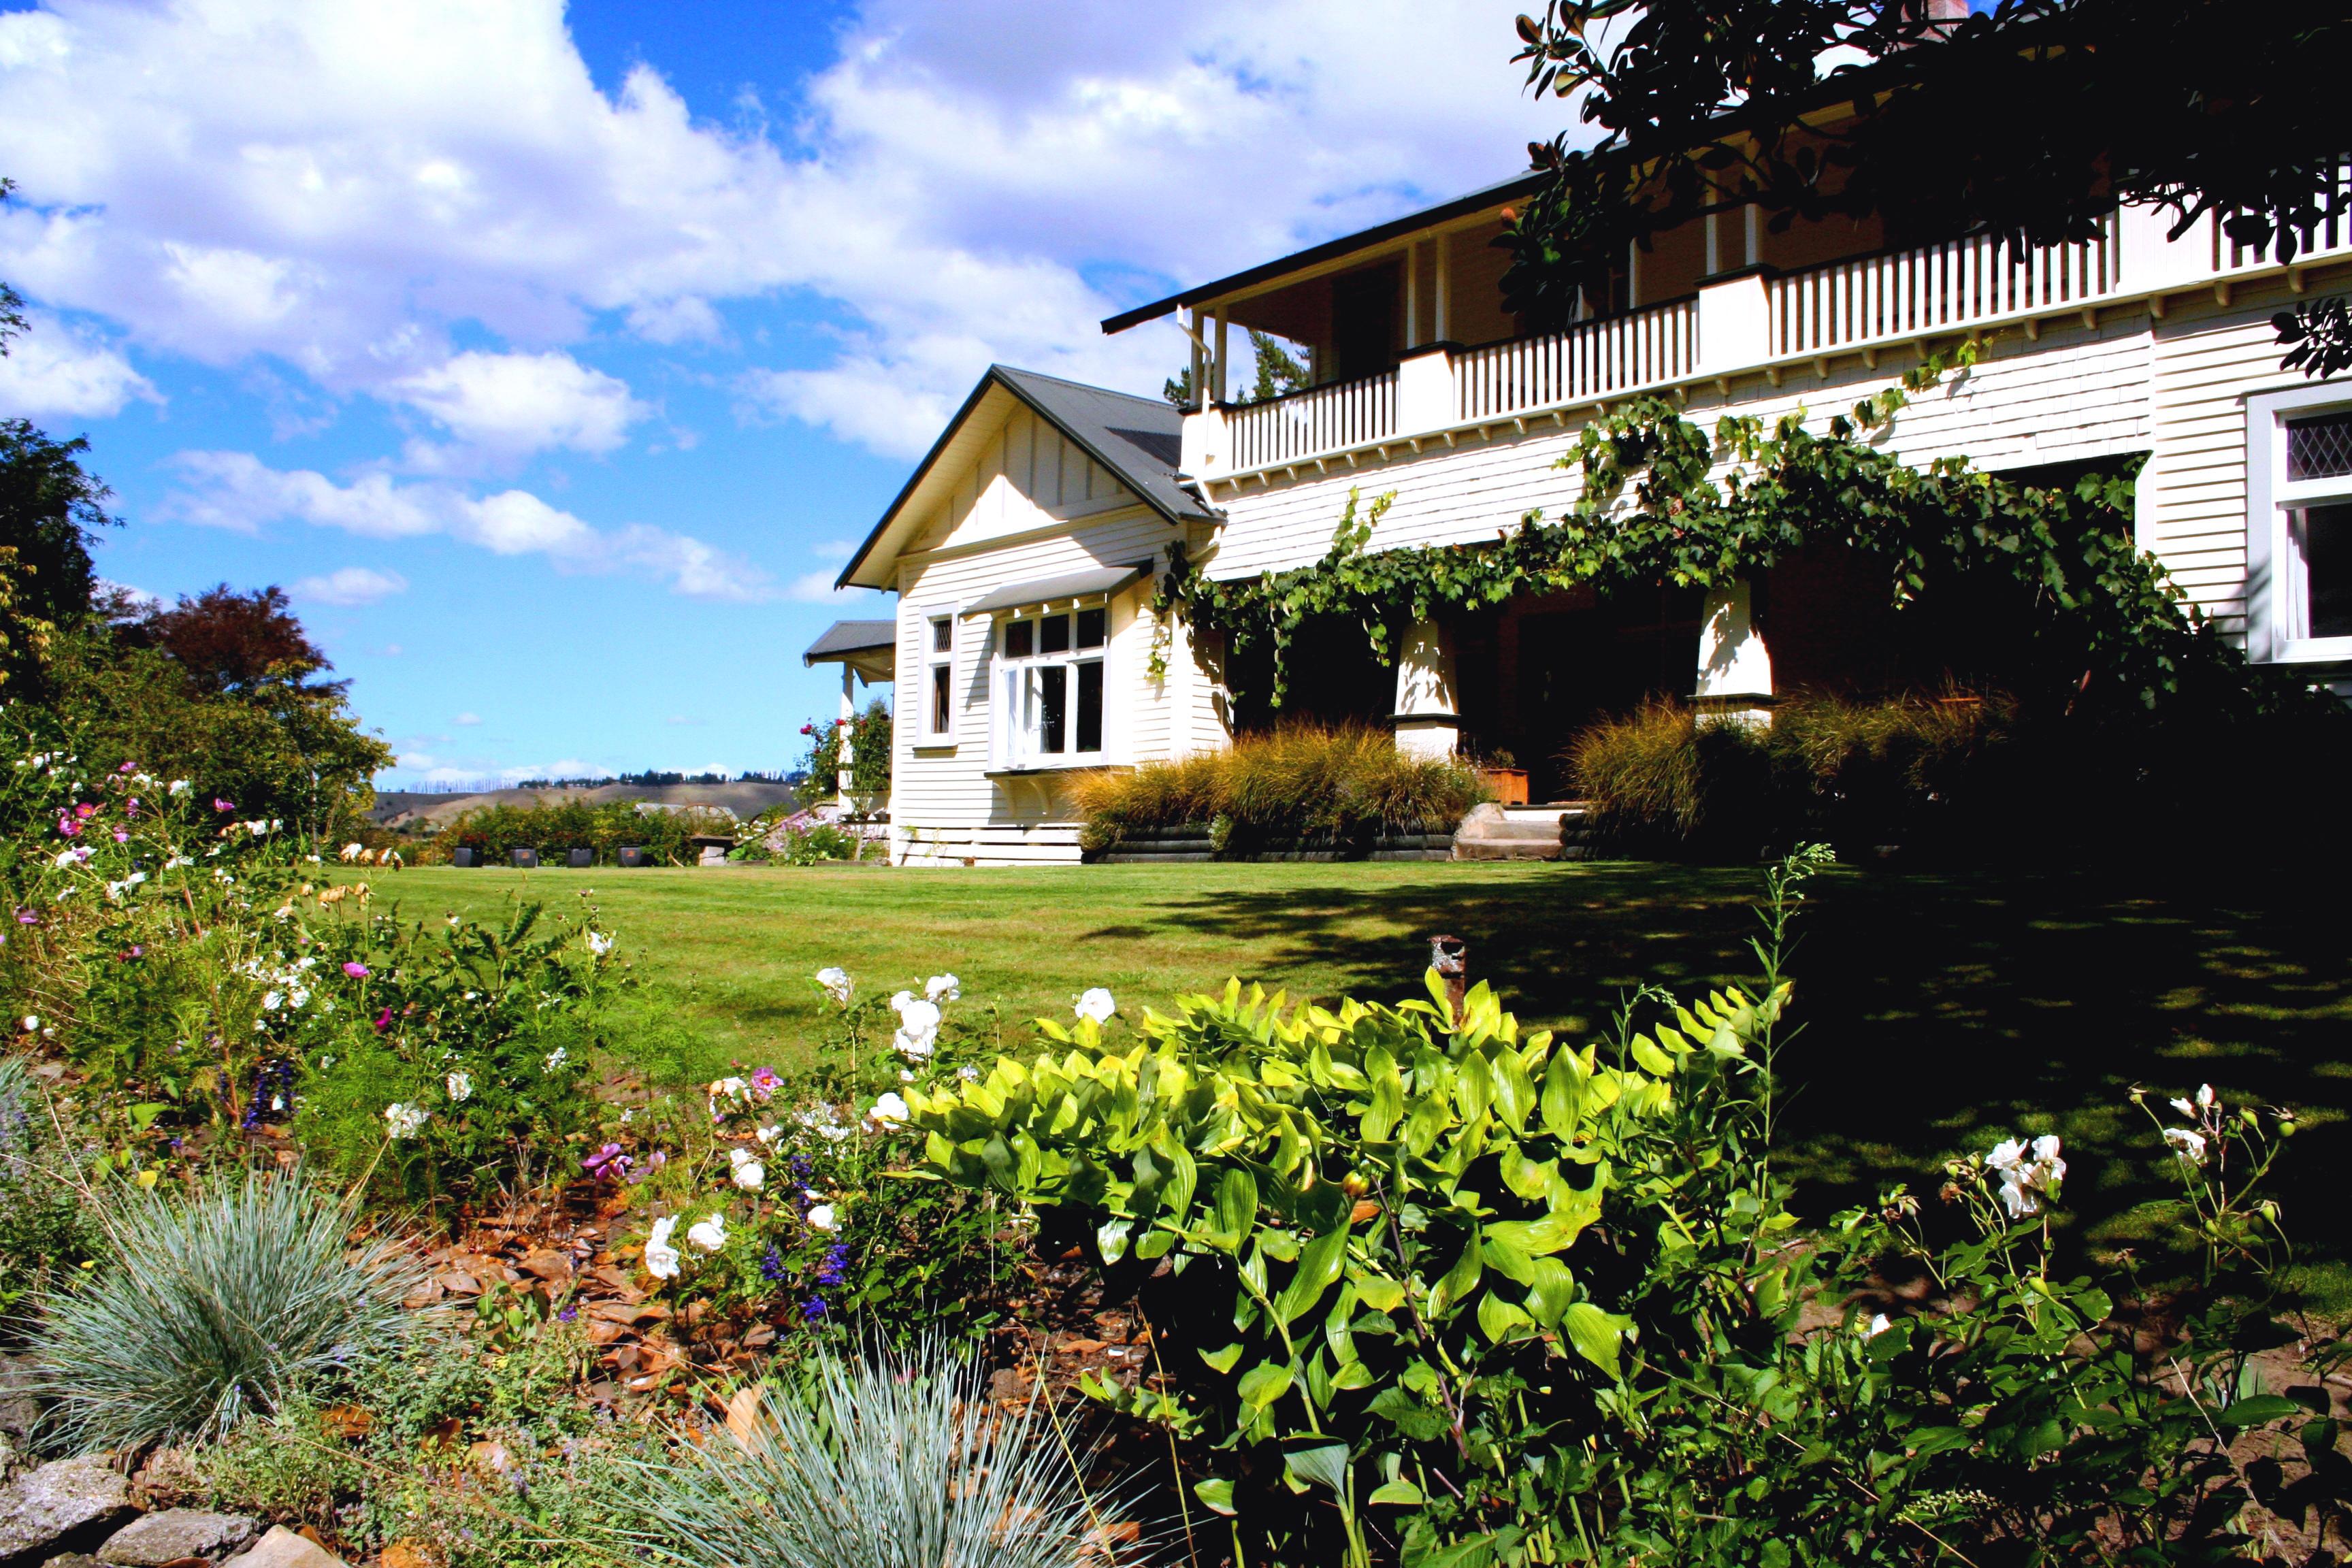 Garden view of Historic Homestead